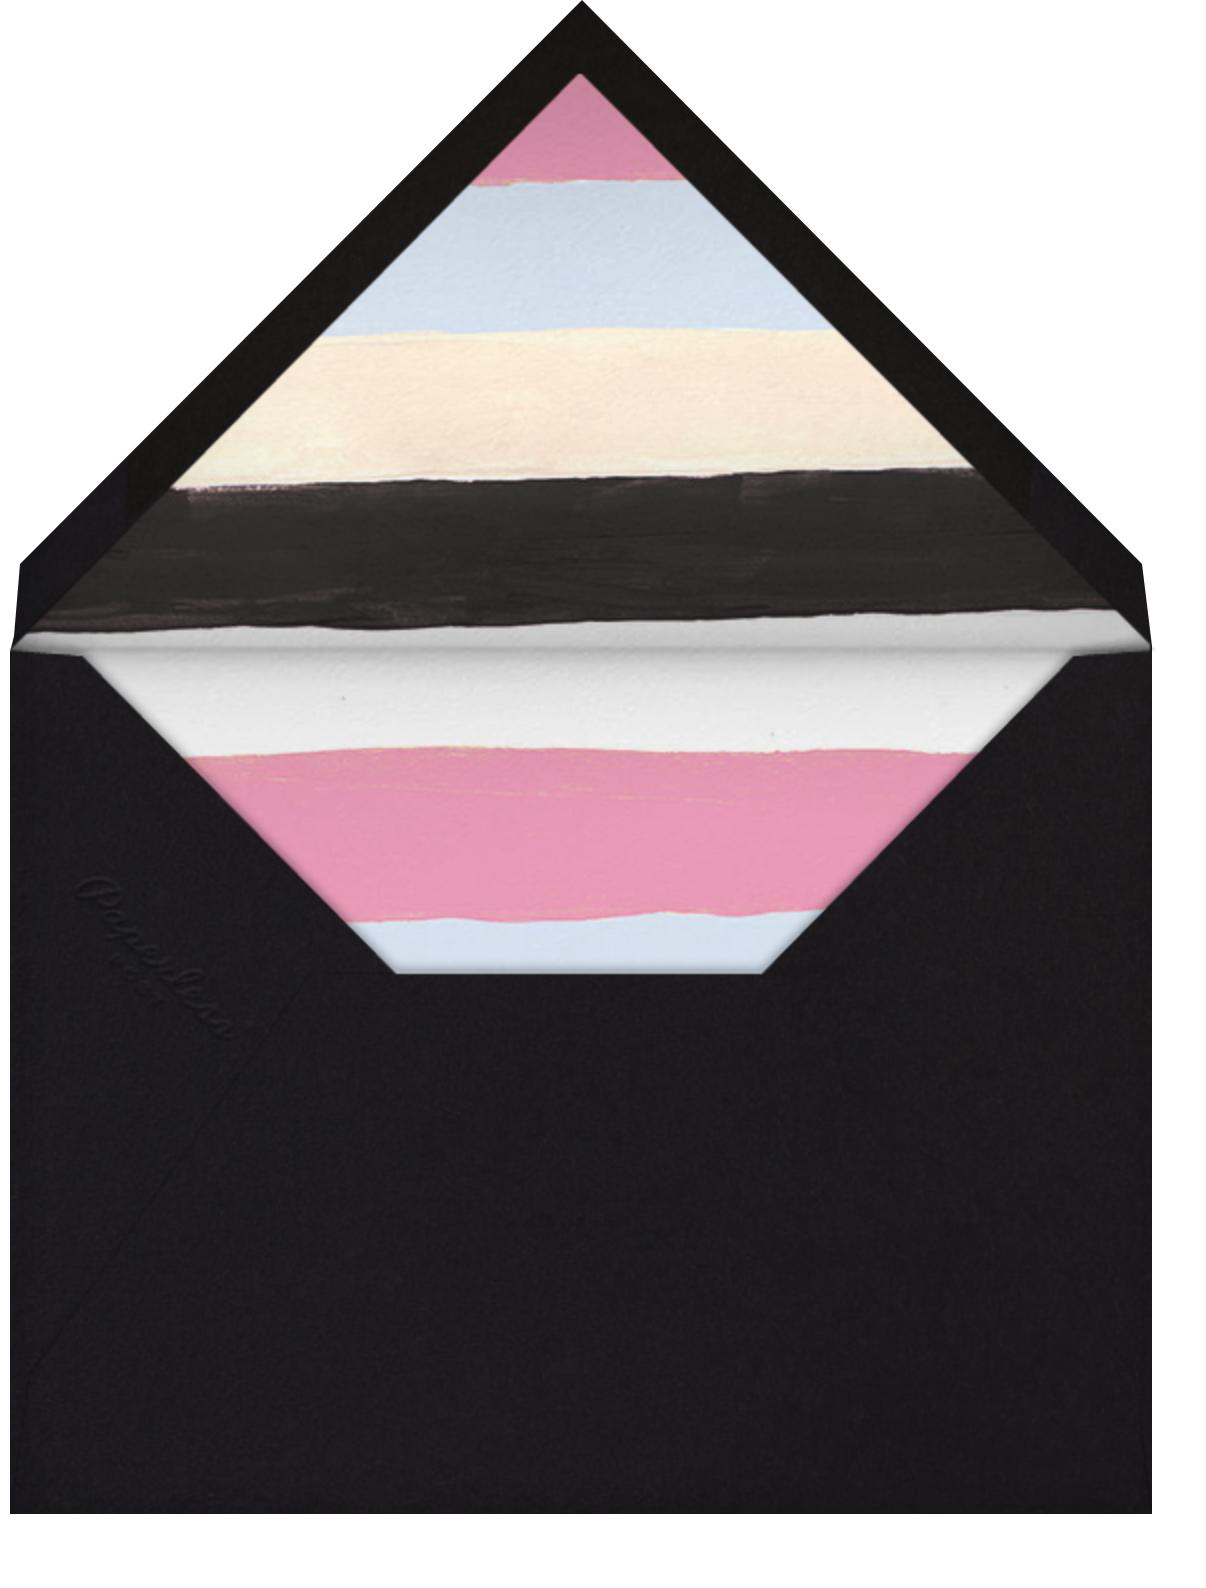 Hodgepodge Hearts - Pink - Ashley G - Quinceañera - envelope back